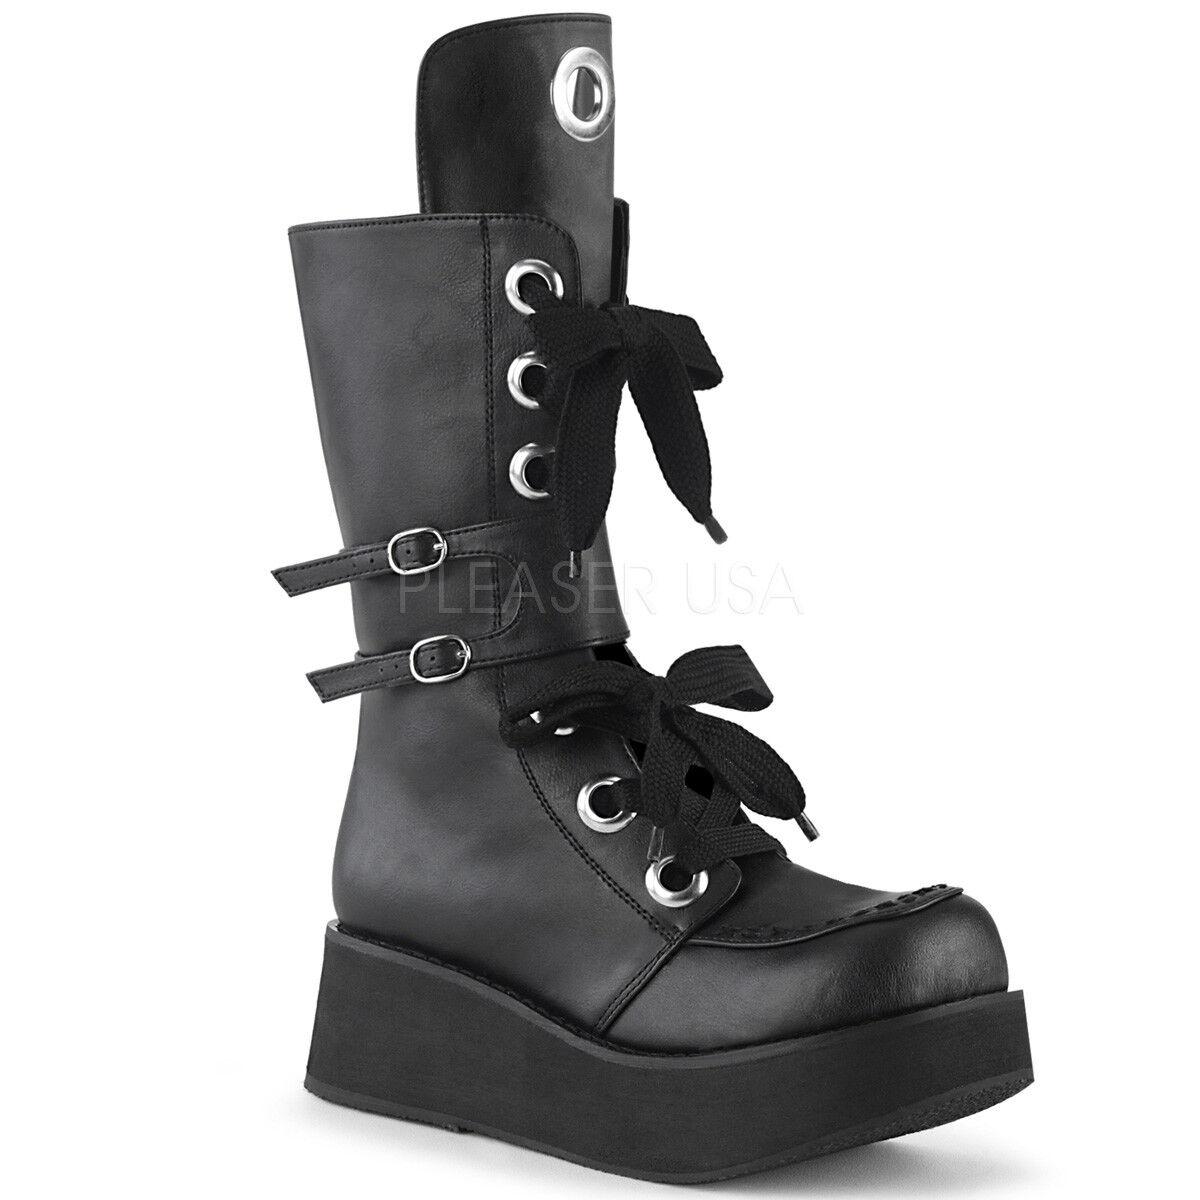 Demonia 210 Sprite - 210 Demonia Para Mujer De Plataforma De Cuero Negro Vegano con cordones a la mitad de la Pantorrilla botas 8f0ff2